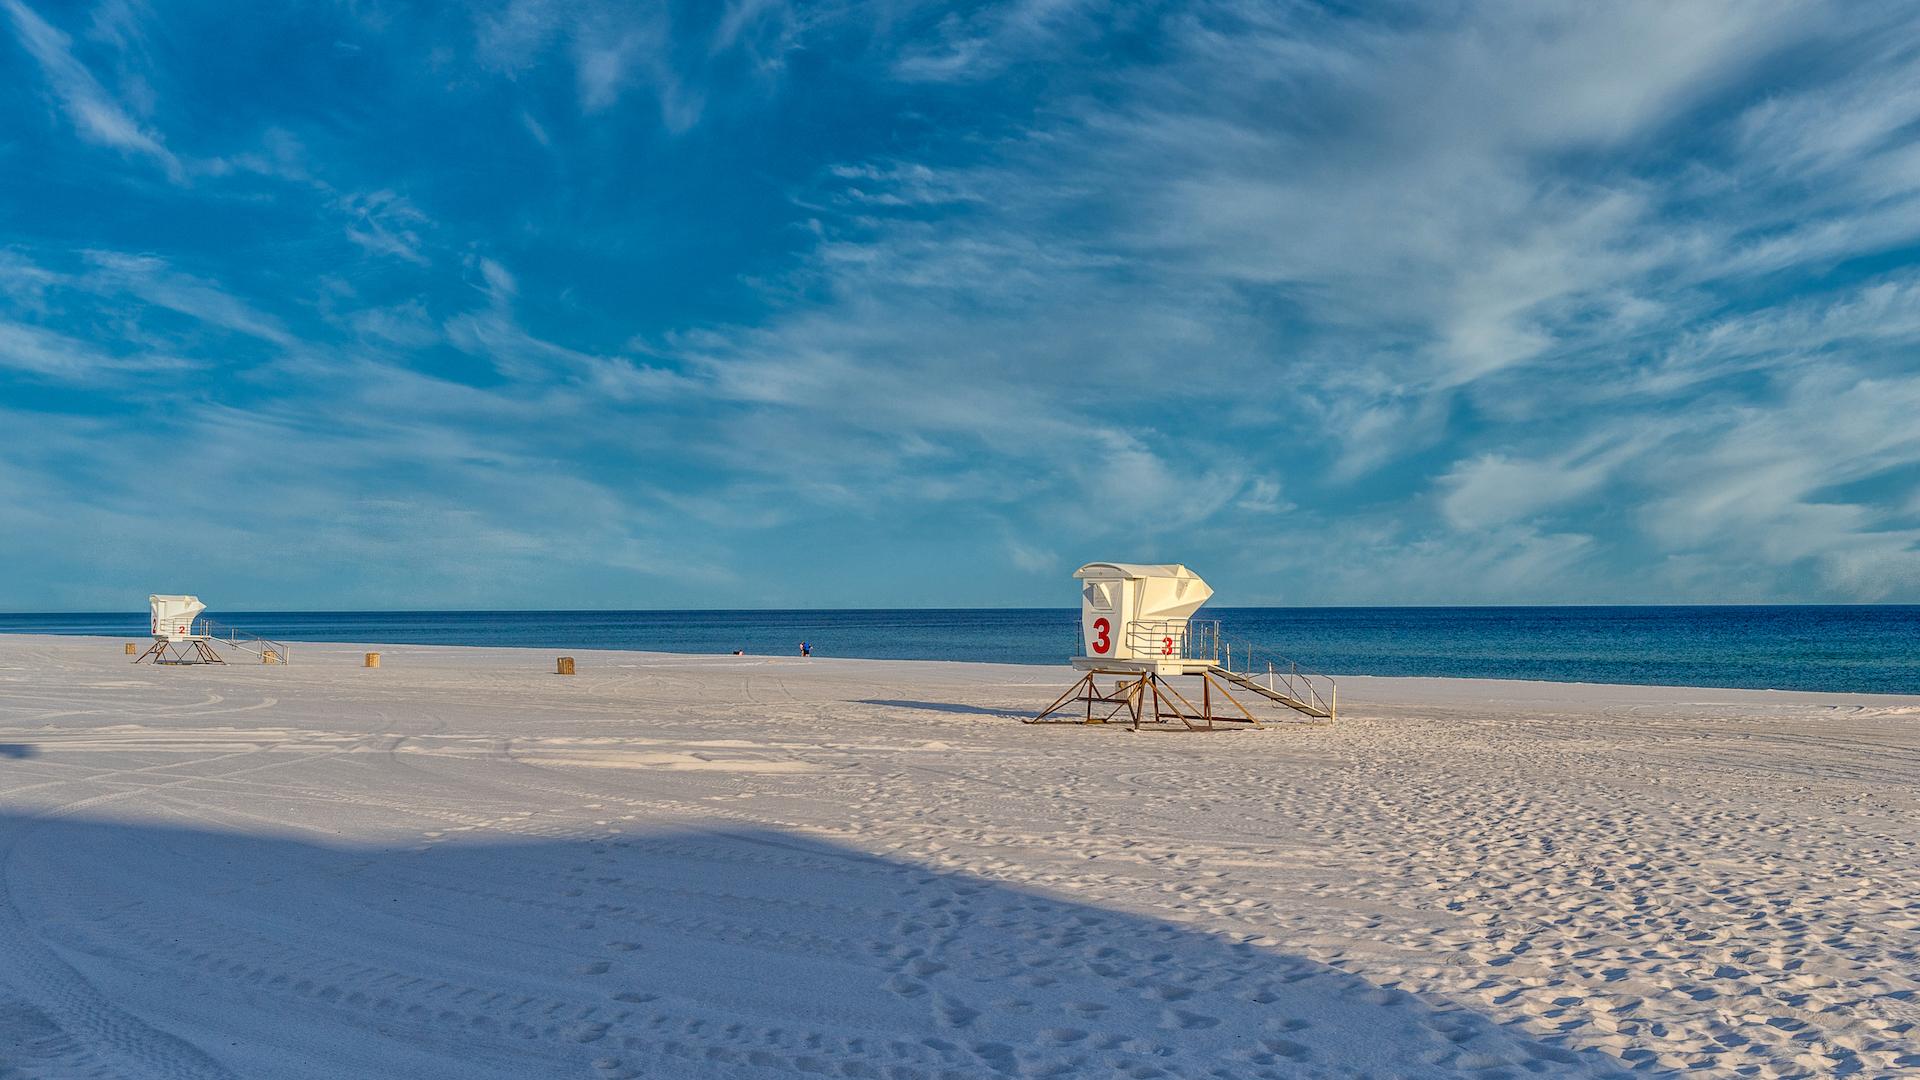 Governor Allows Some Florida Beaches to Reopen Since Coronavirus Shutdown